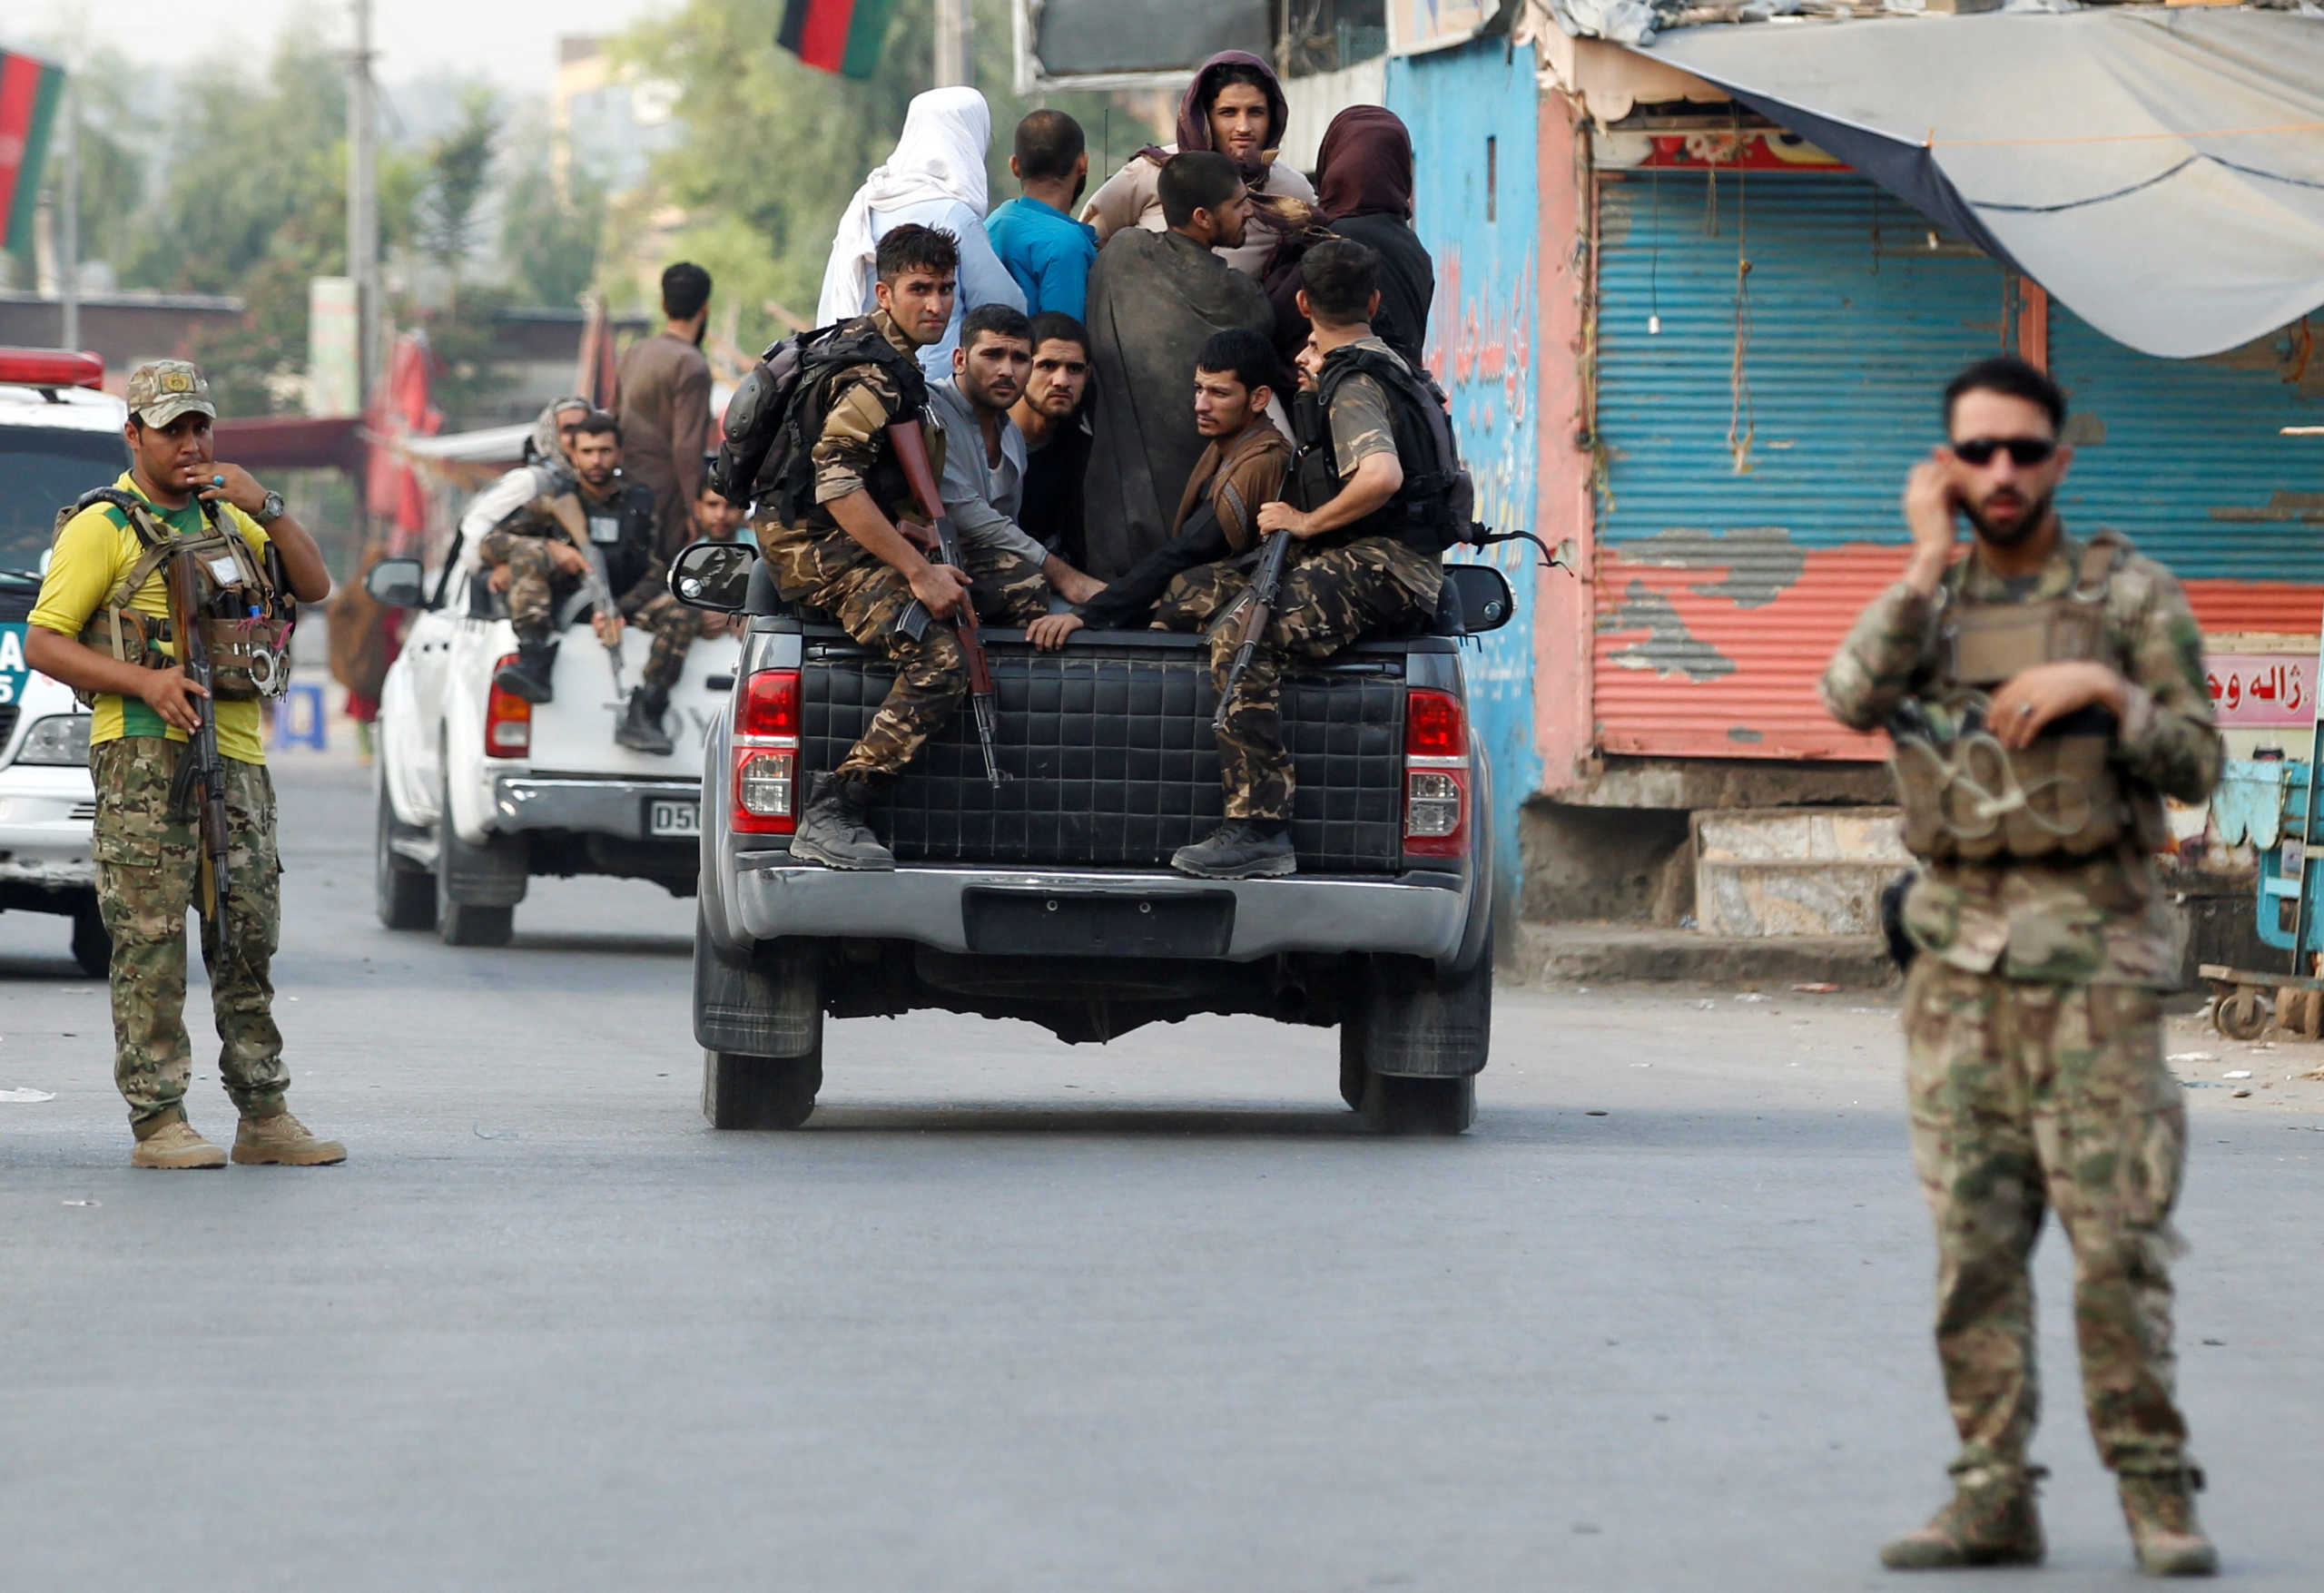 Βόρεια Μακεδονία: Θα φιλοξενήσει άμαχους από το Αφγανιστάν